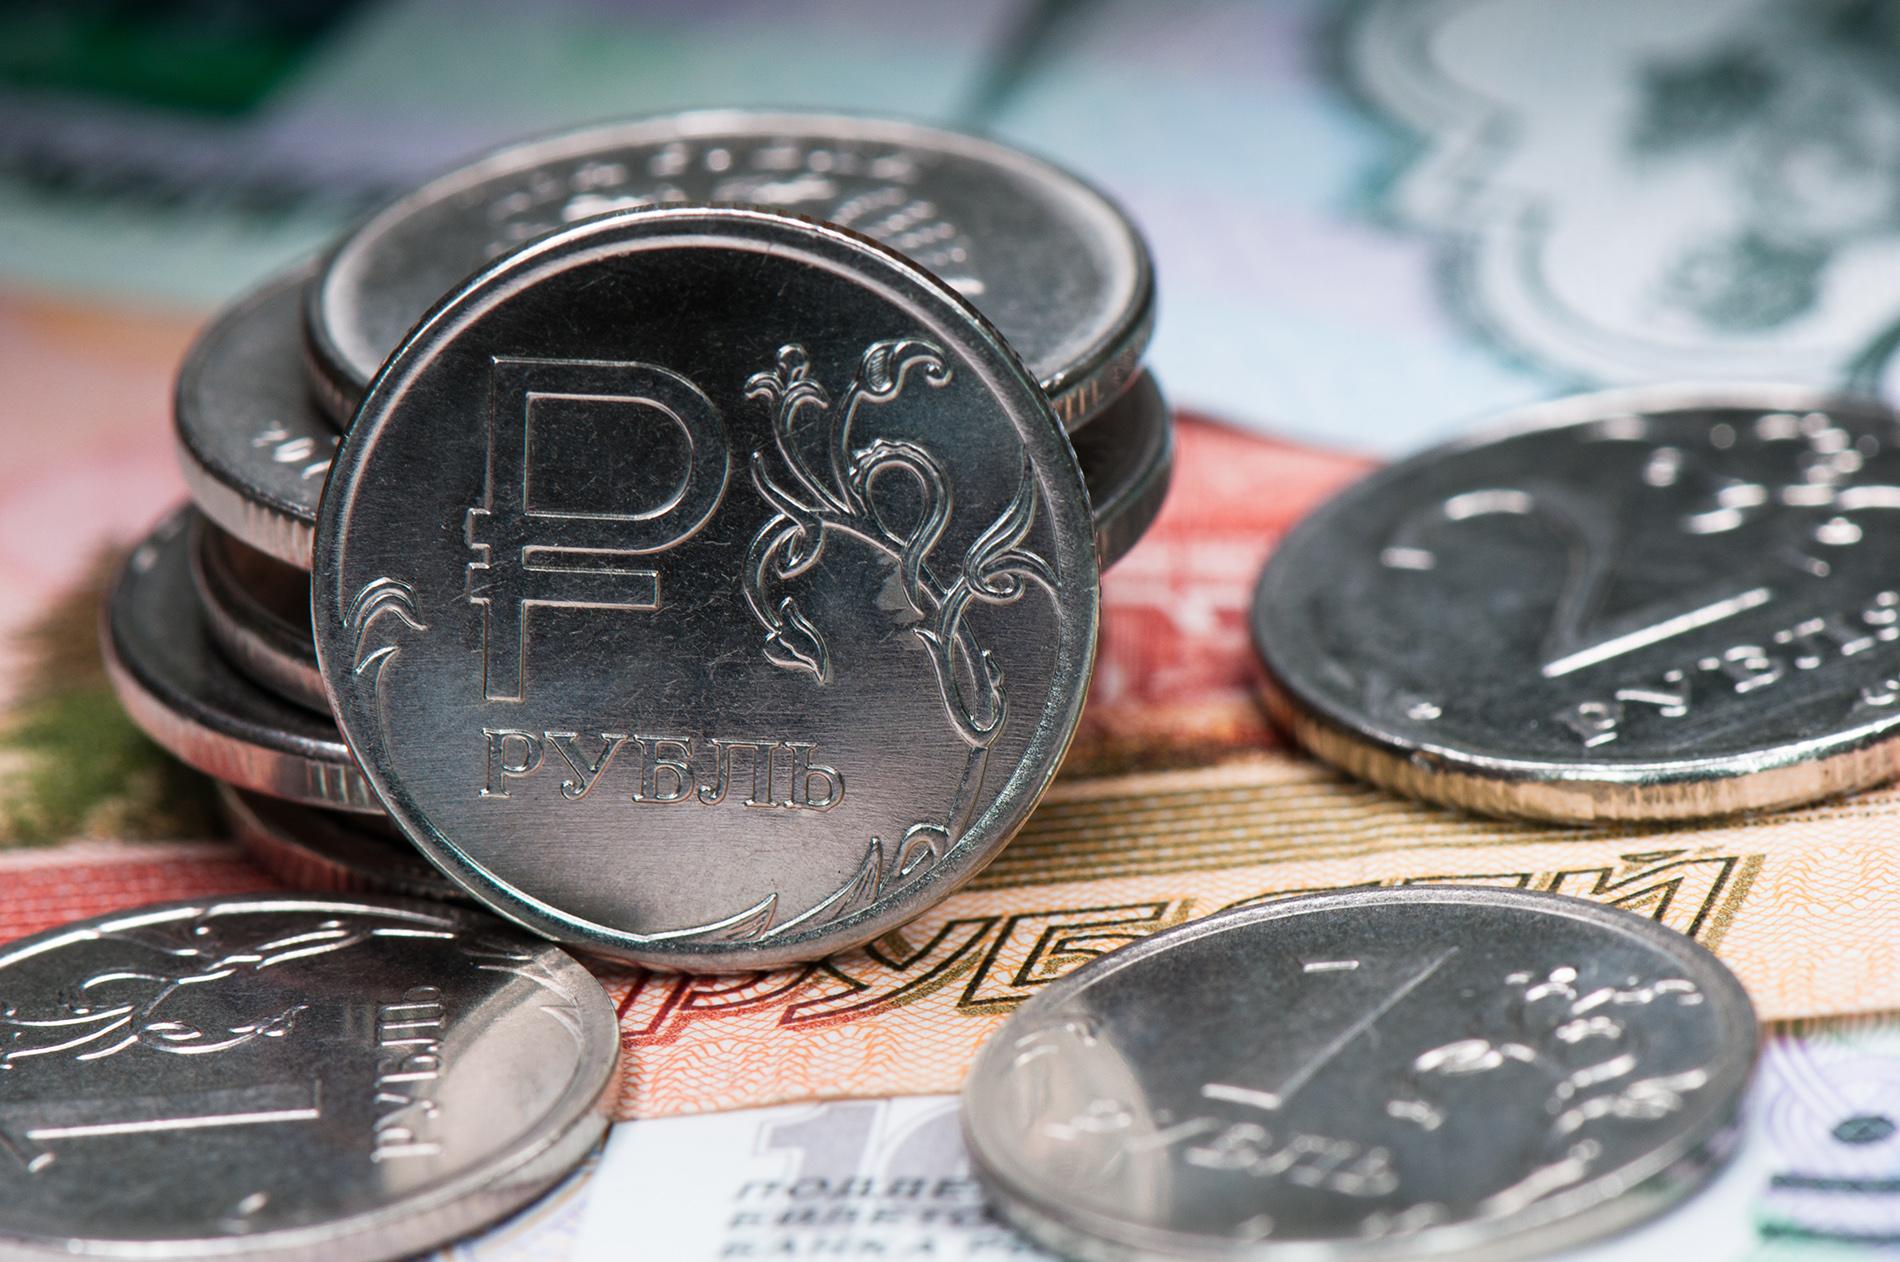 Центробанк поднял ставку: почему через две недели изменятся условия по вкладам и кредитам и что ждёт курс рубля